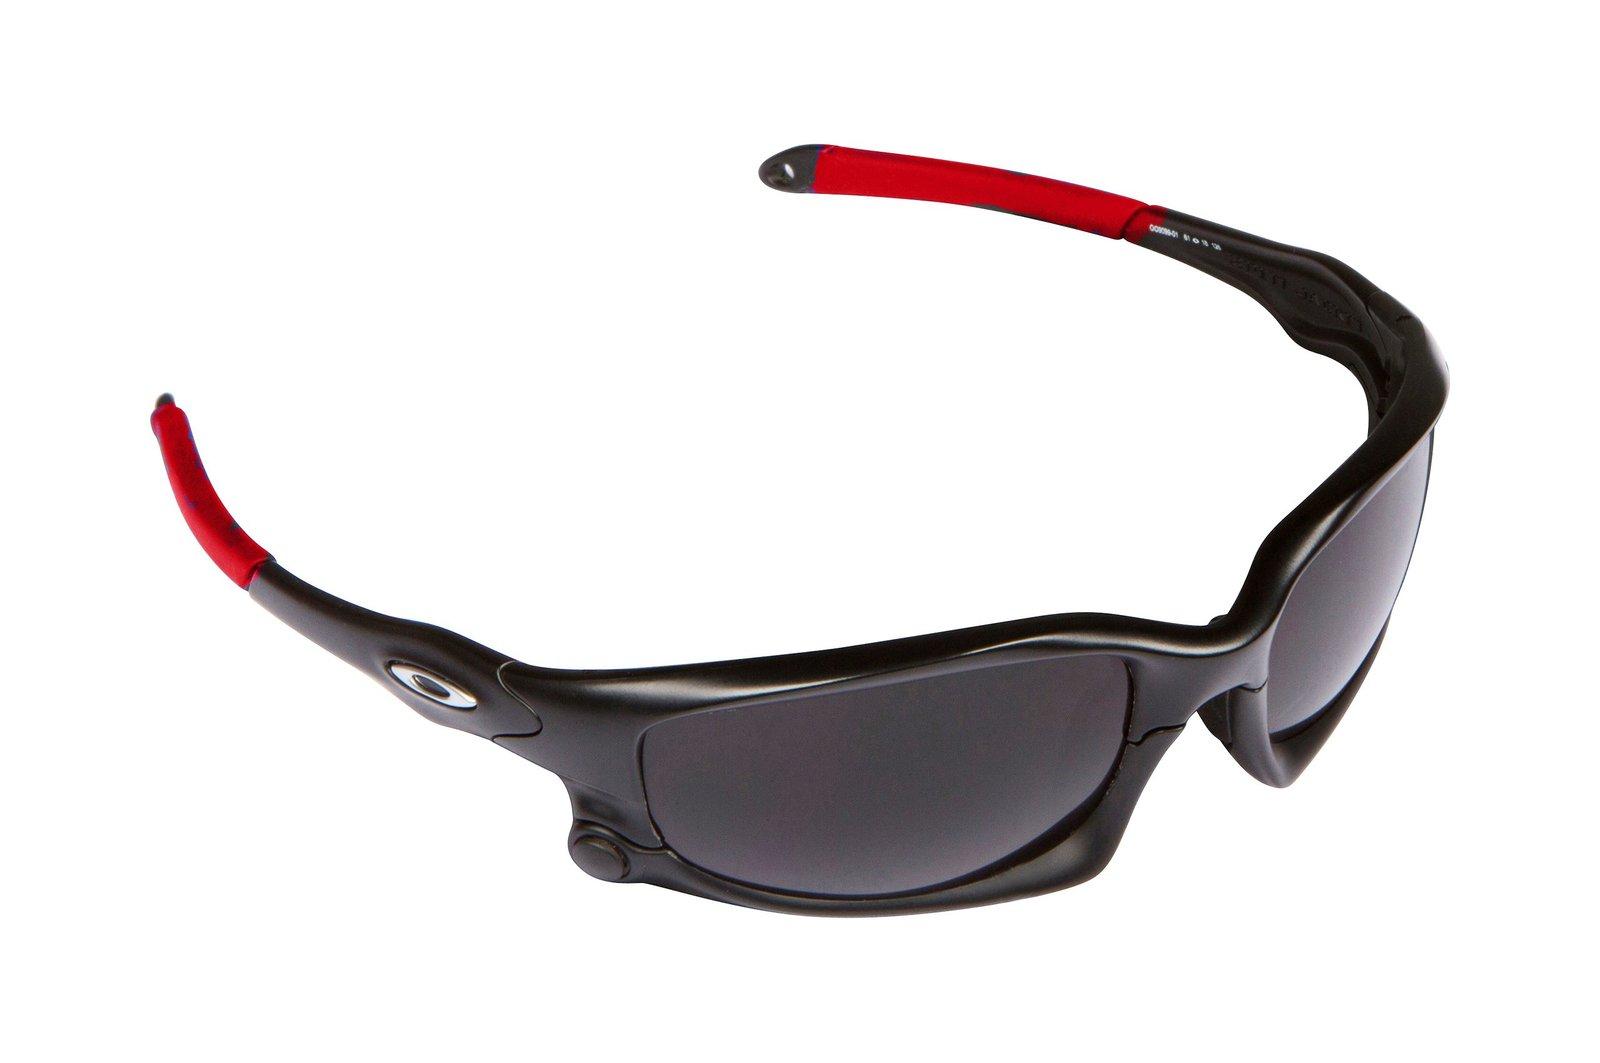 cfa262c0932d3 New SEEK OPTICS Rubber Kit Earsocks Nose Pads for Oakley SPLIT JACKET - Red